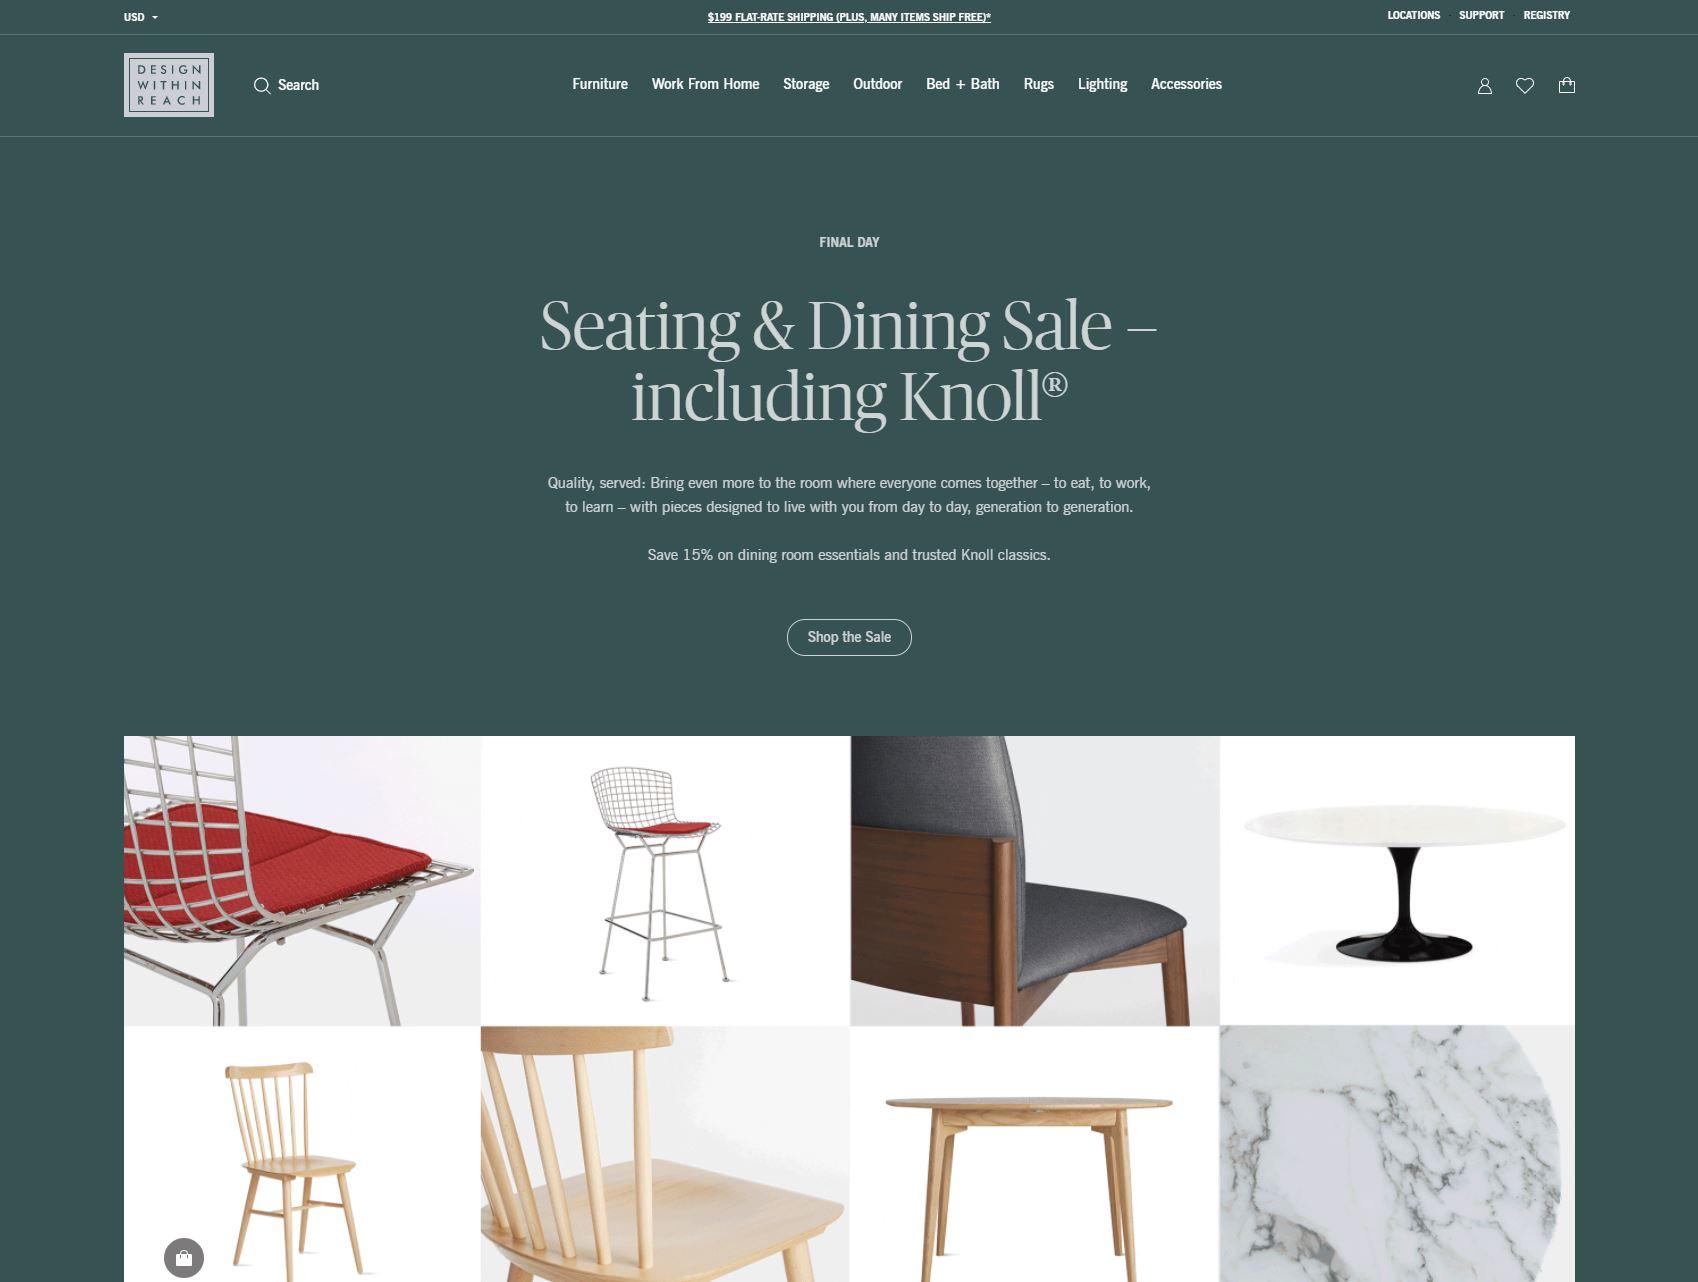 a screenshot of the DWR website